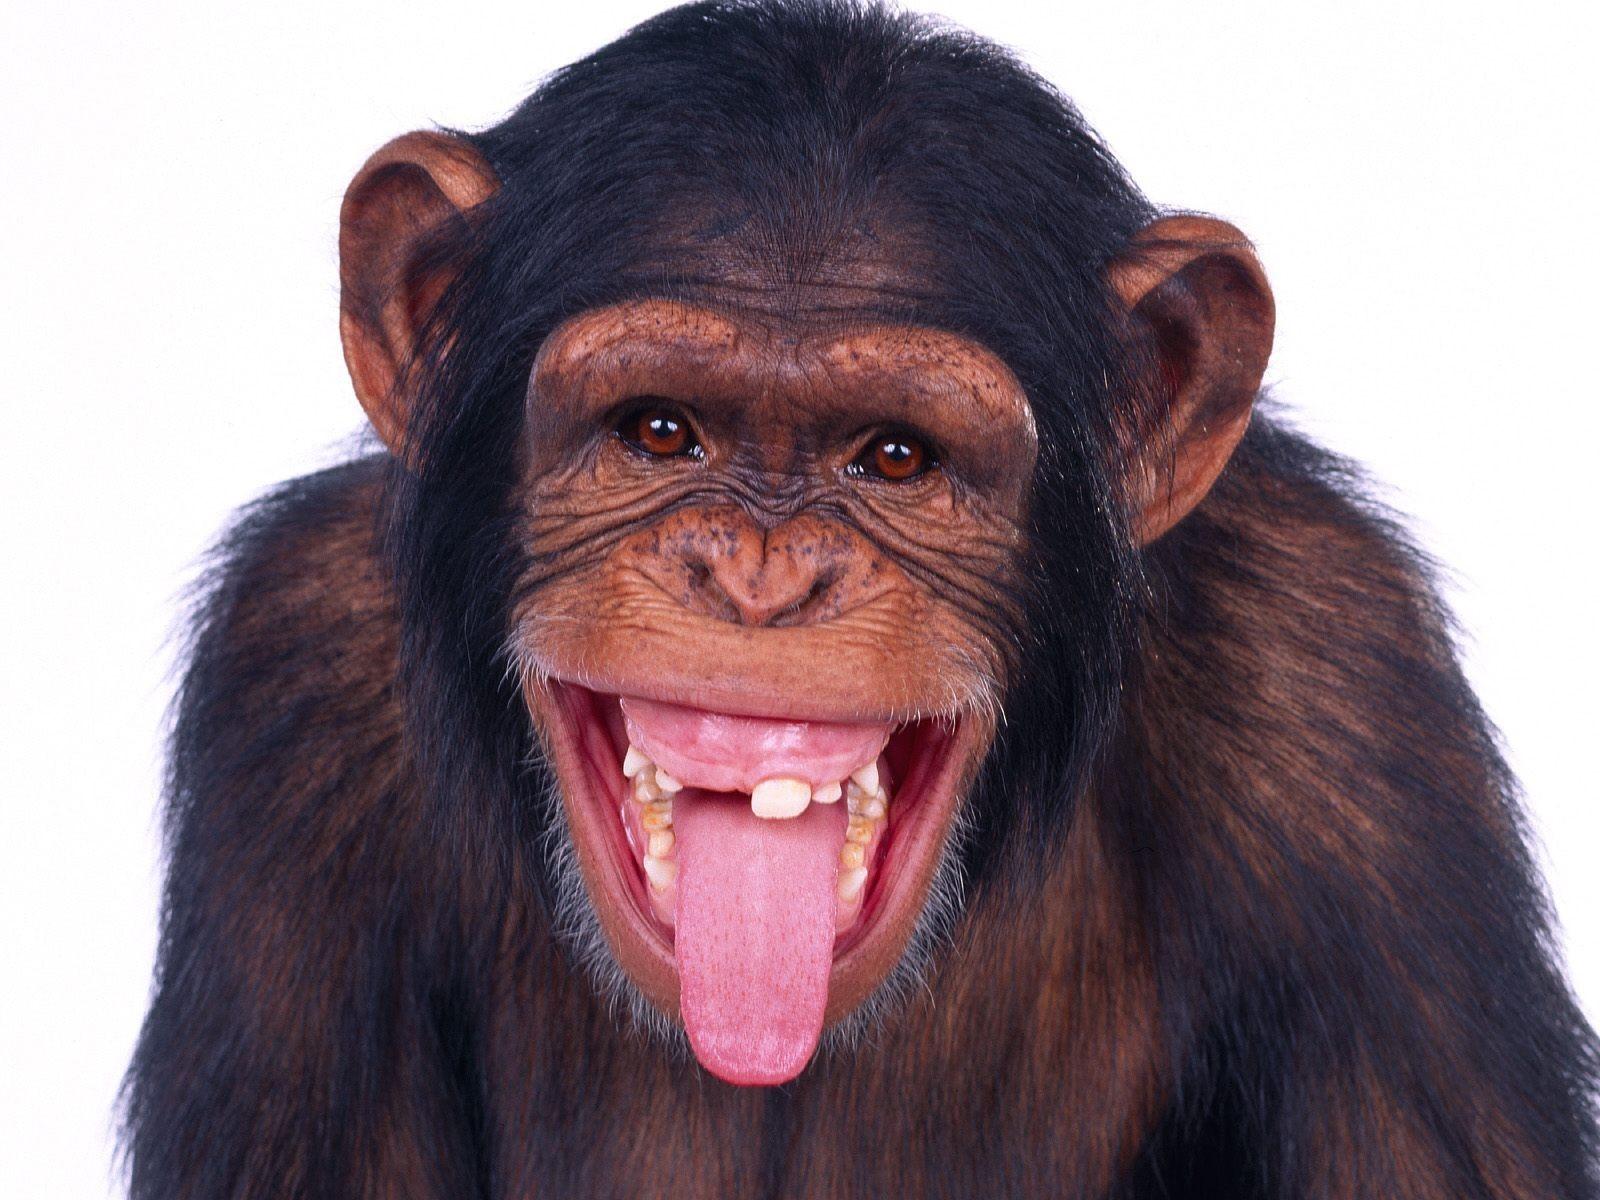 Monkey Wallpapers | Free Download Best Wild Animals HD Desktop Images